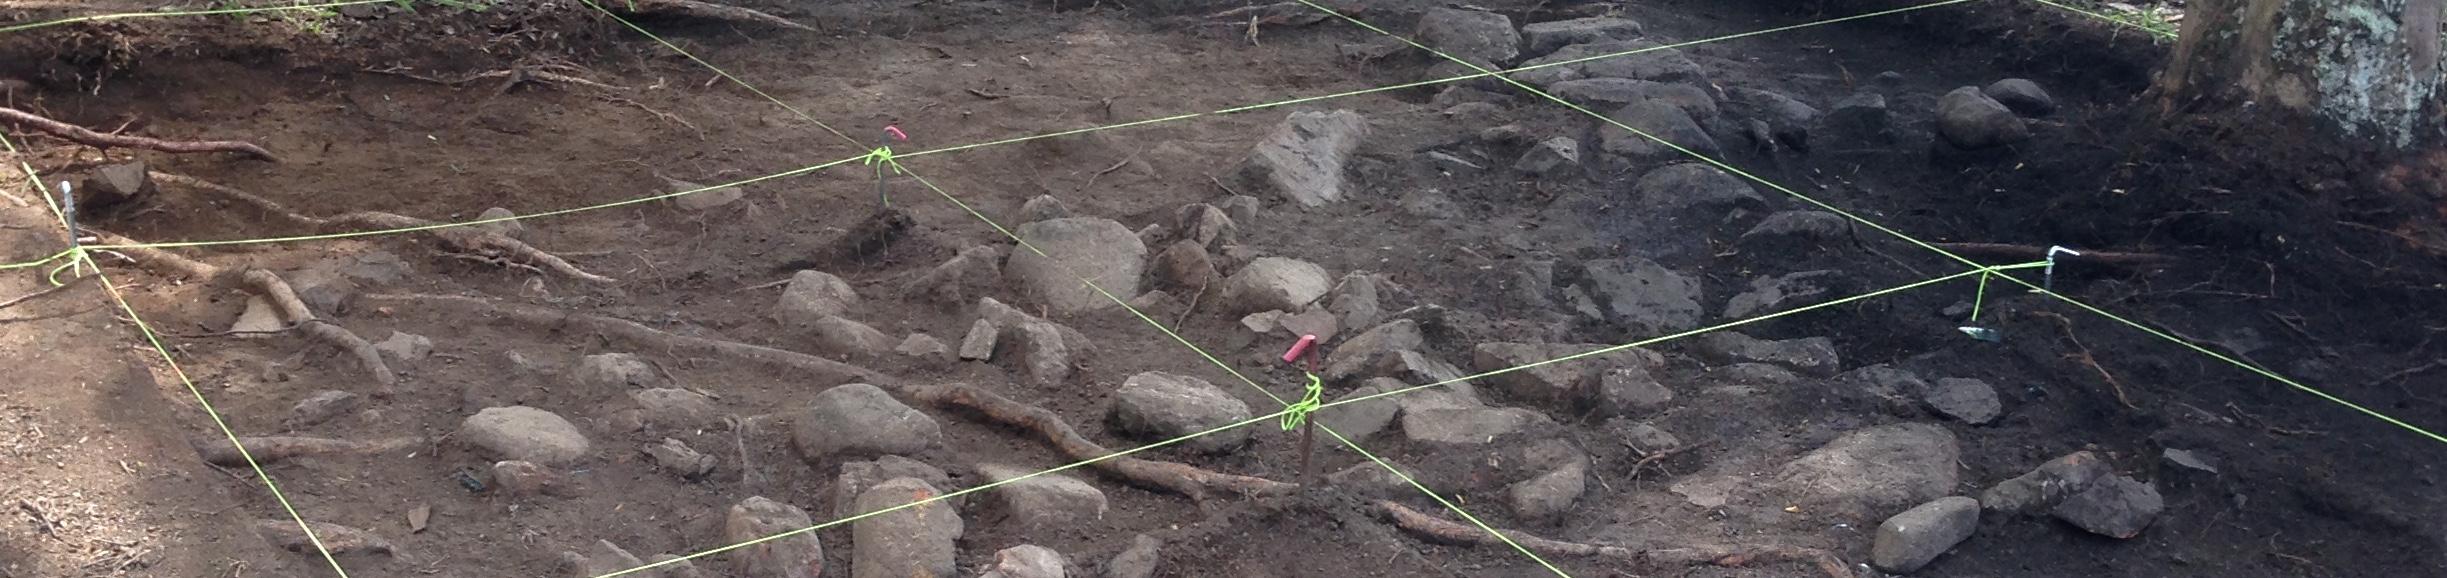 Site grid, Atherton Chinatown excavation, Queensland, in 2015 (photo: Melissa Dunk)